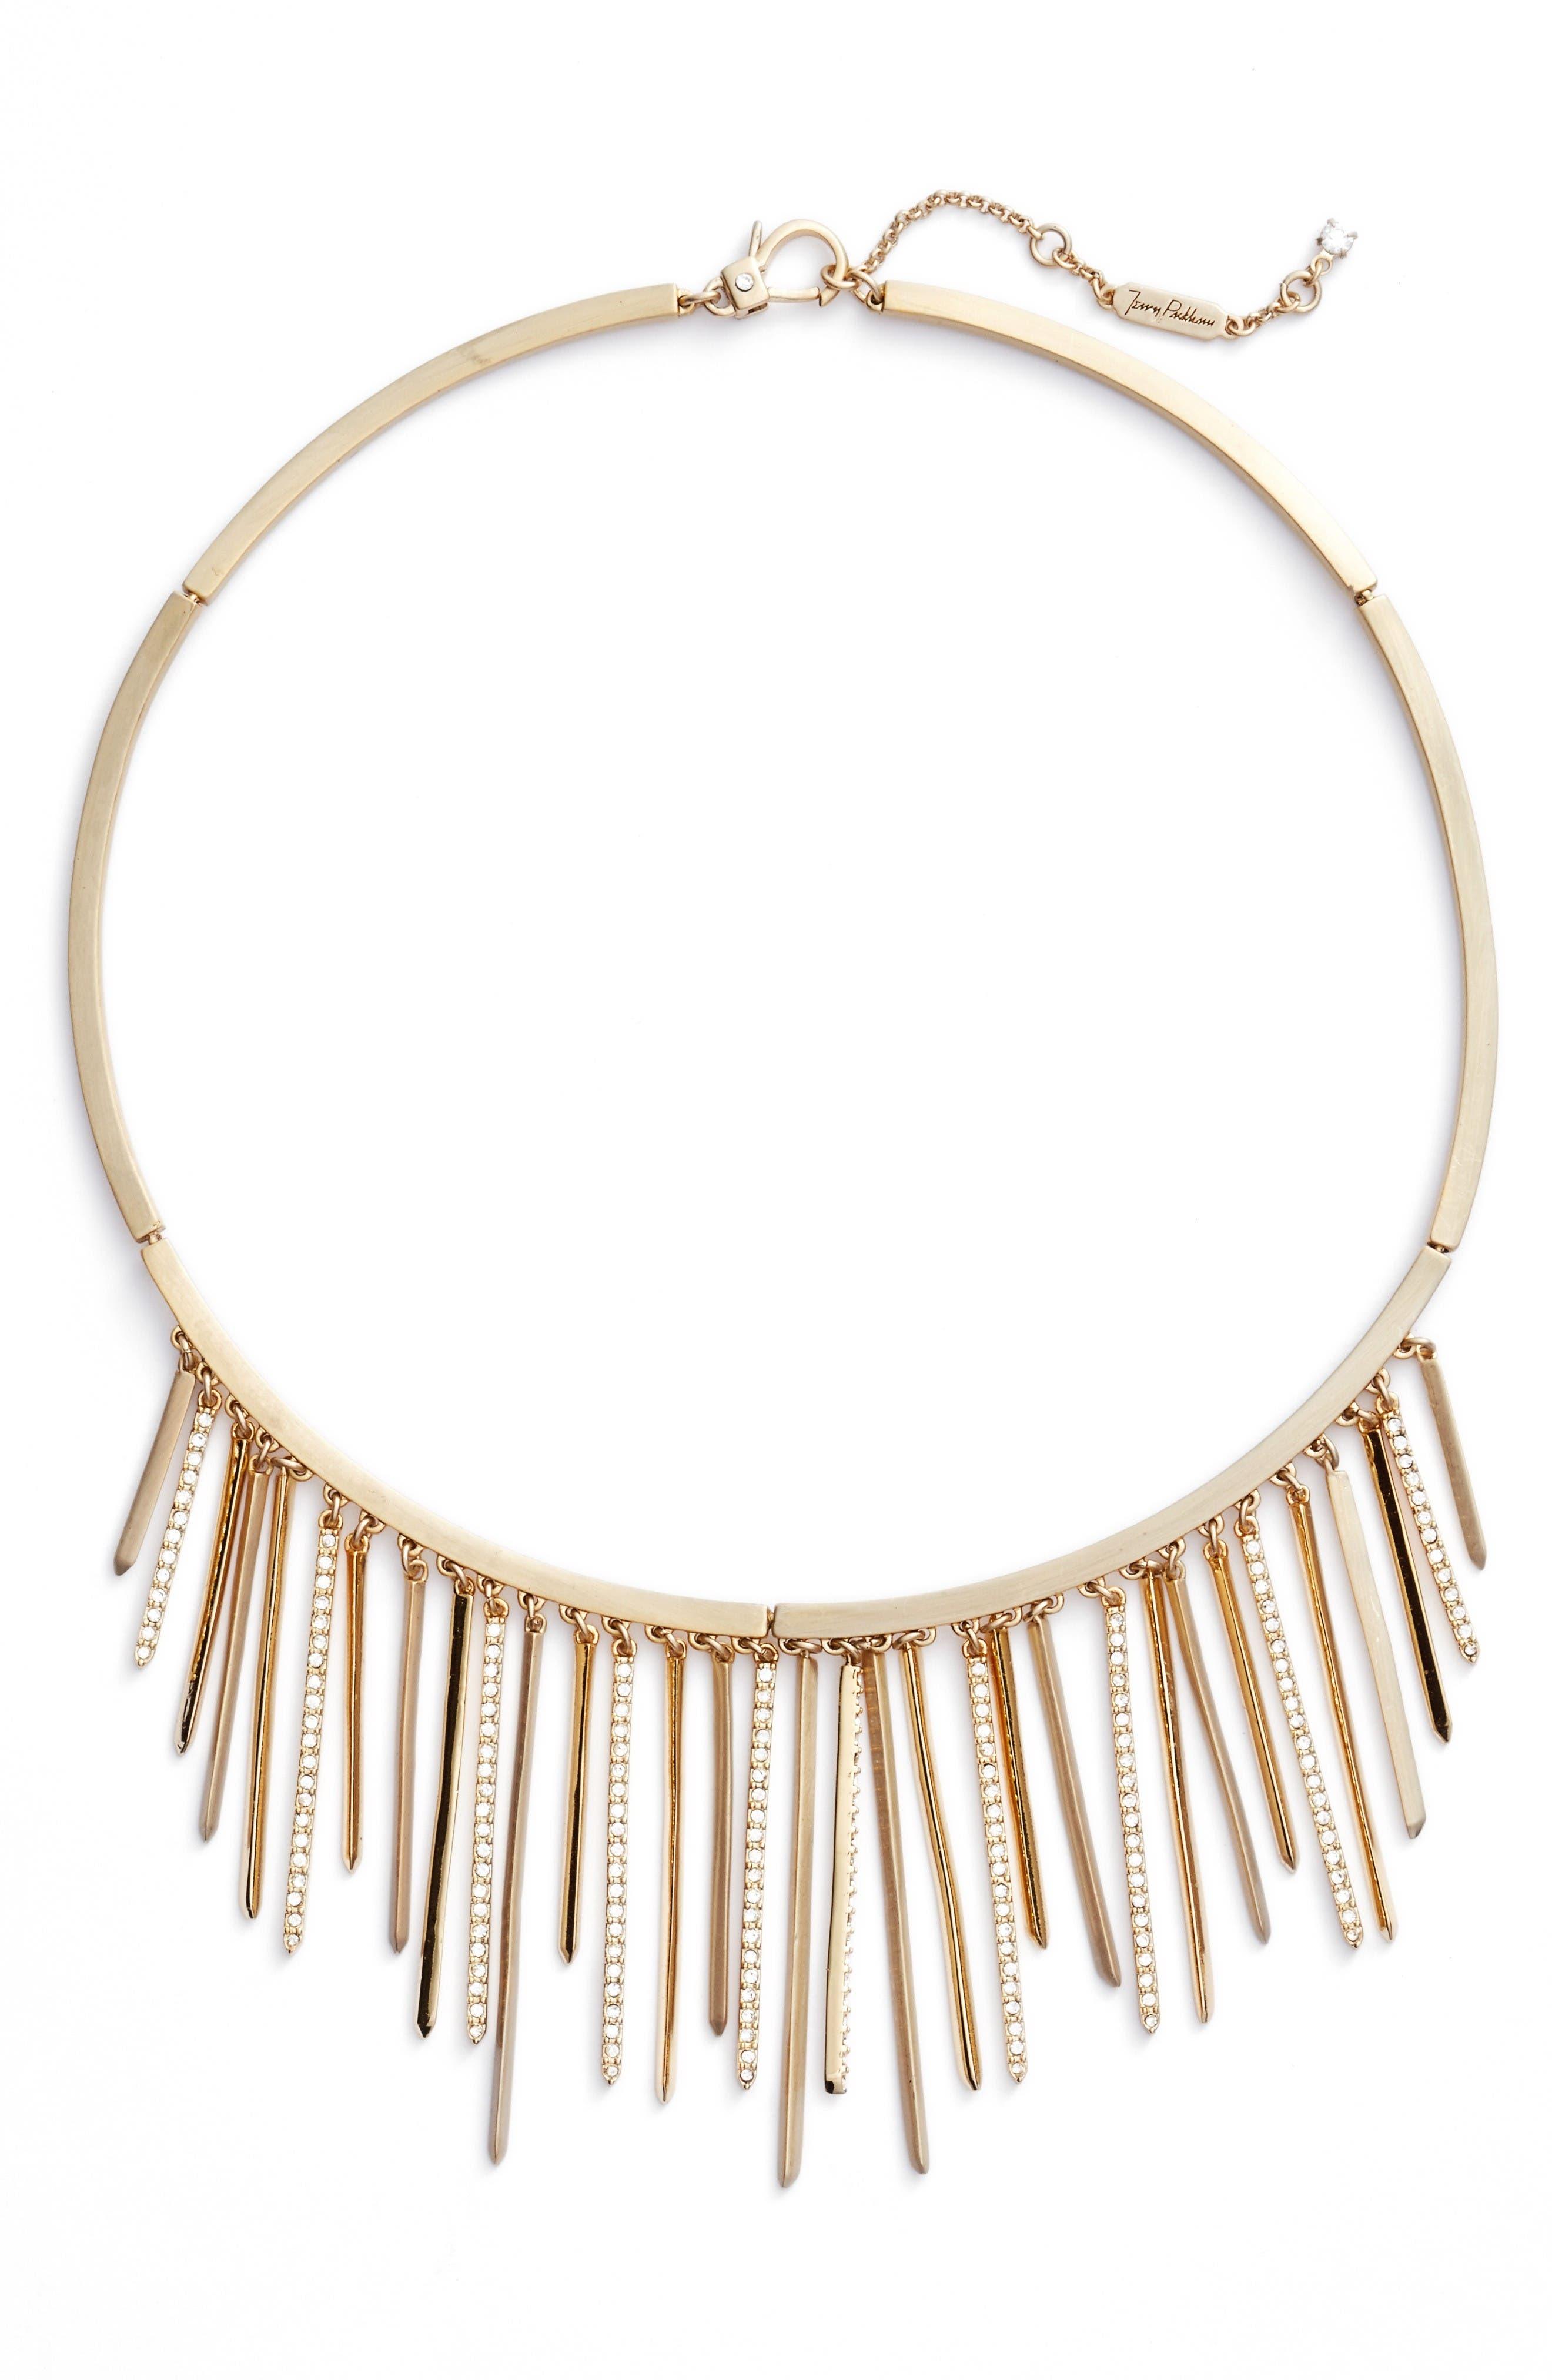 Main Image - Jenny Packham Fringe Frontal Necklace